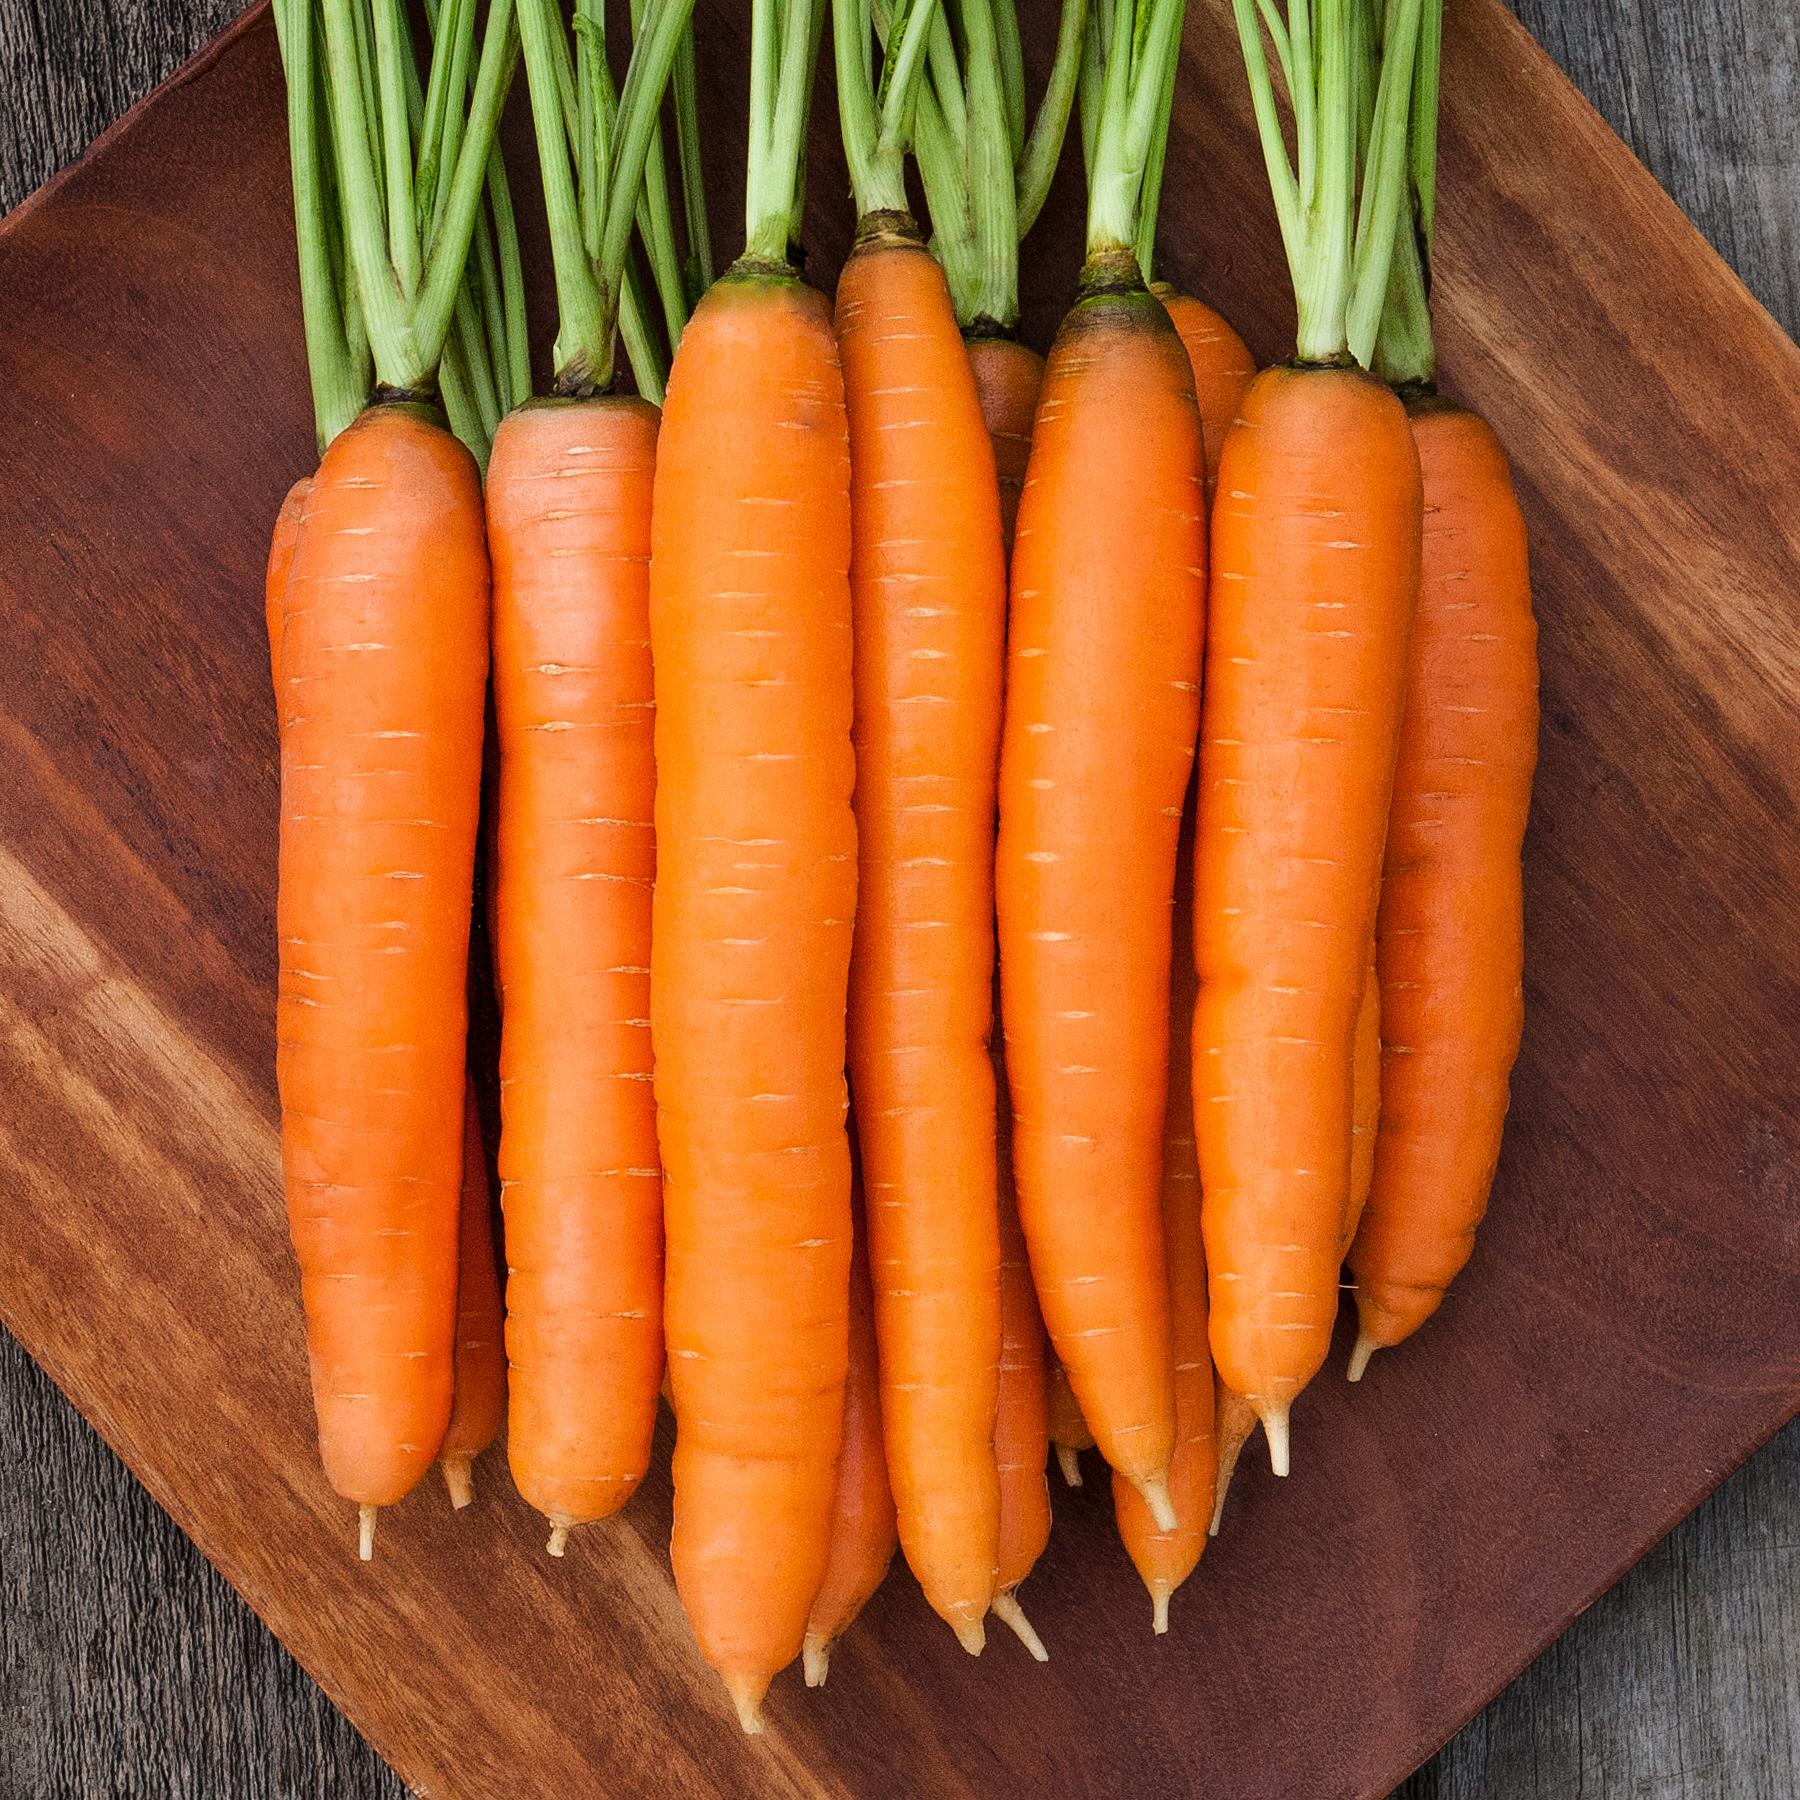 ประโยชน์ของแครอท ที่คุณอาจยังไม่รู้